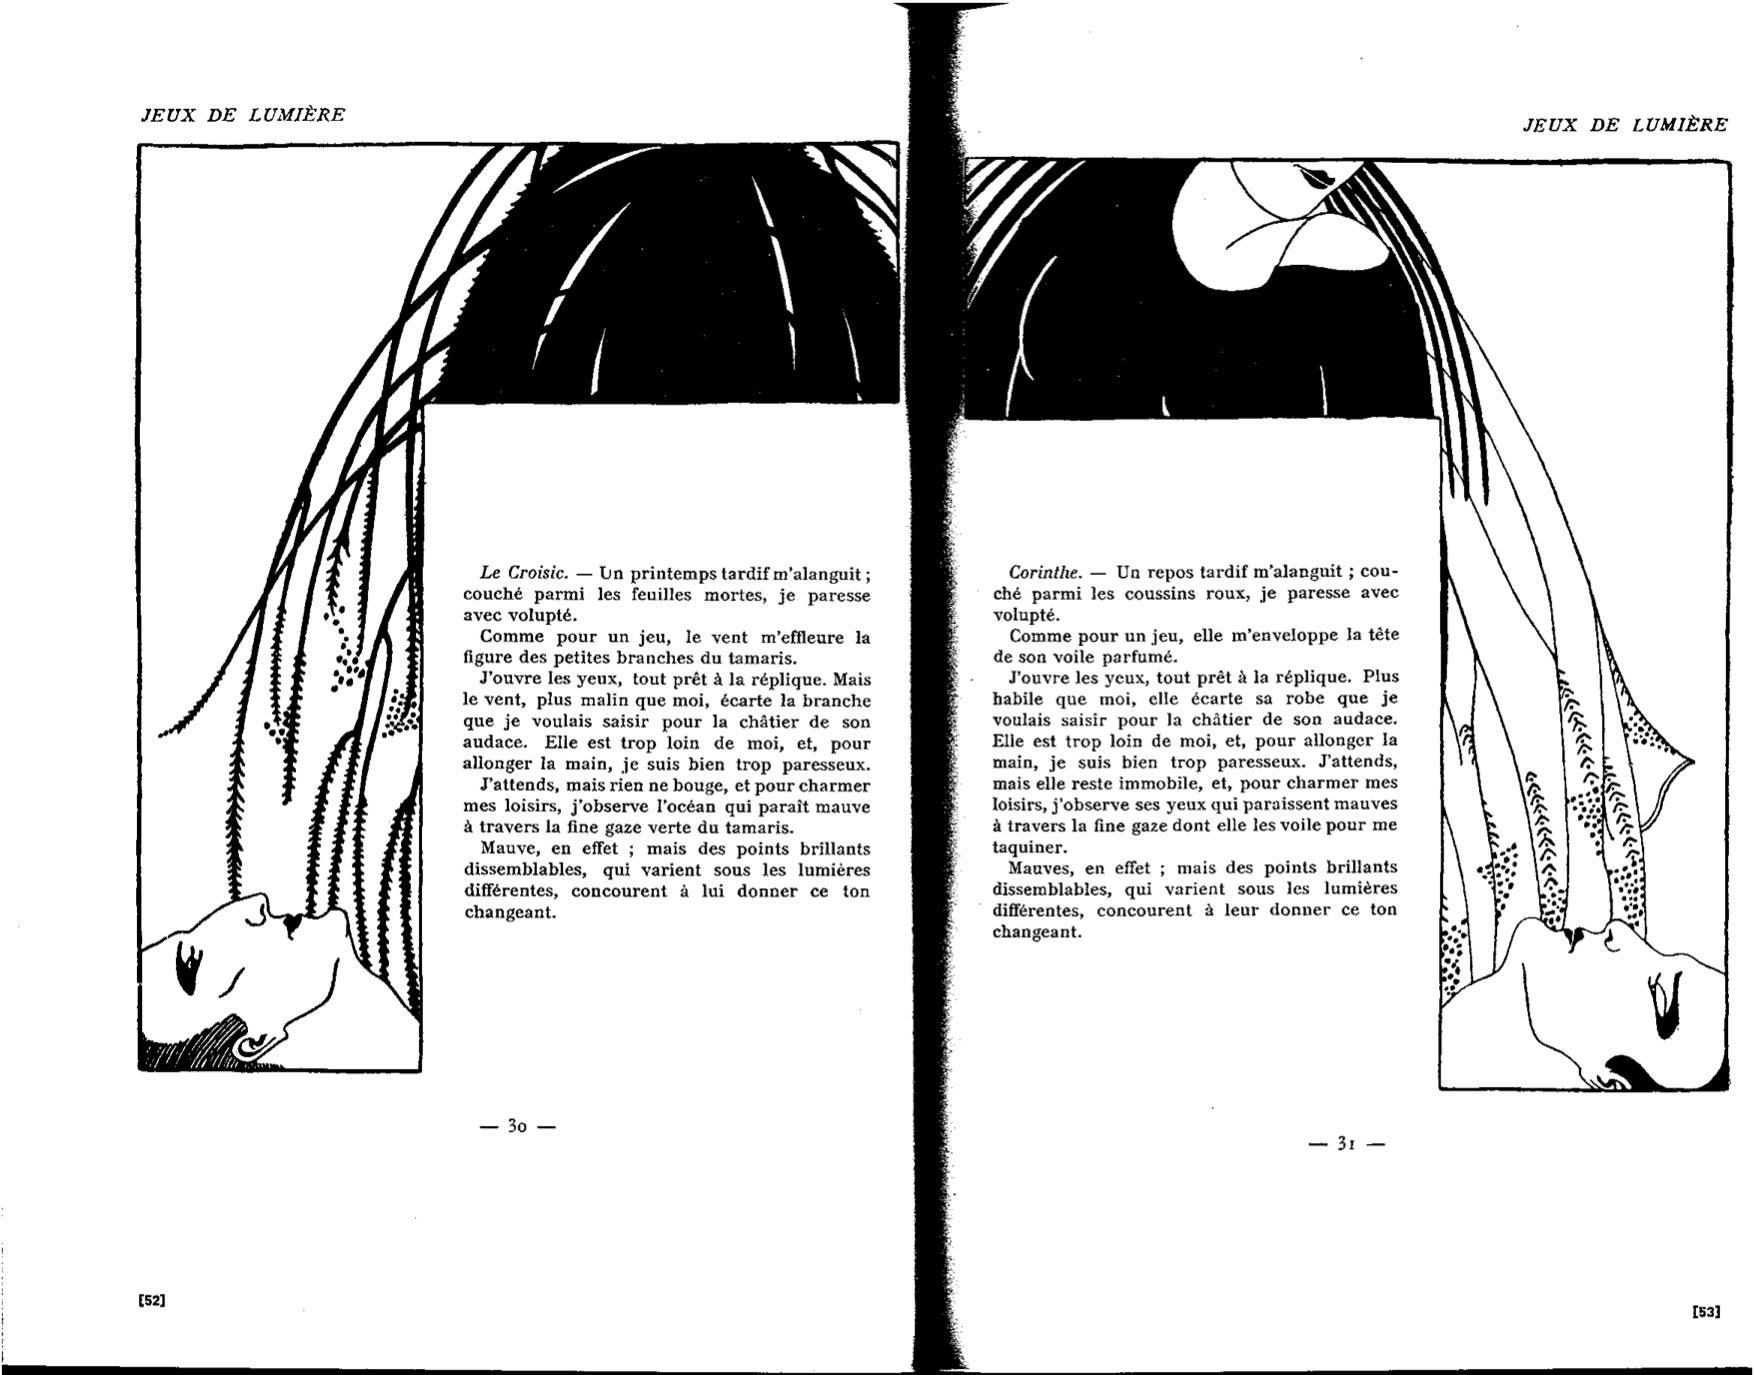 Claude Cahun, Marcel Moore, «Jeux de lumière», Vues et visions (1914-1919), op. cit., p.30-31 [52-53].